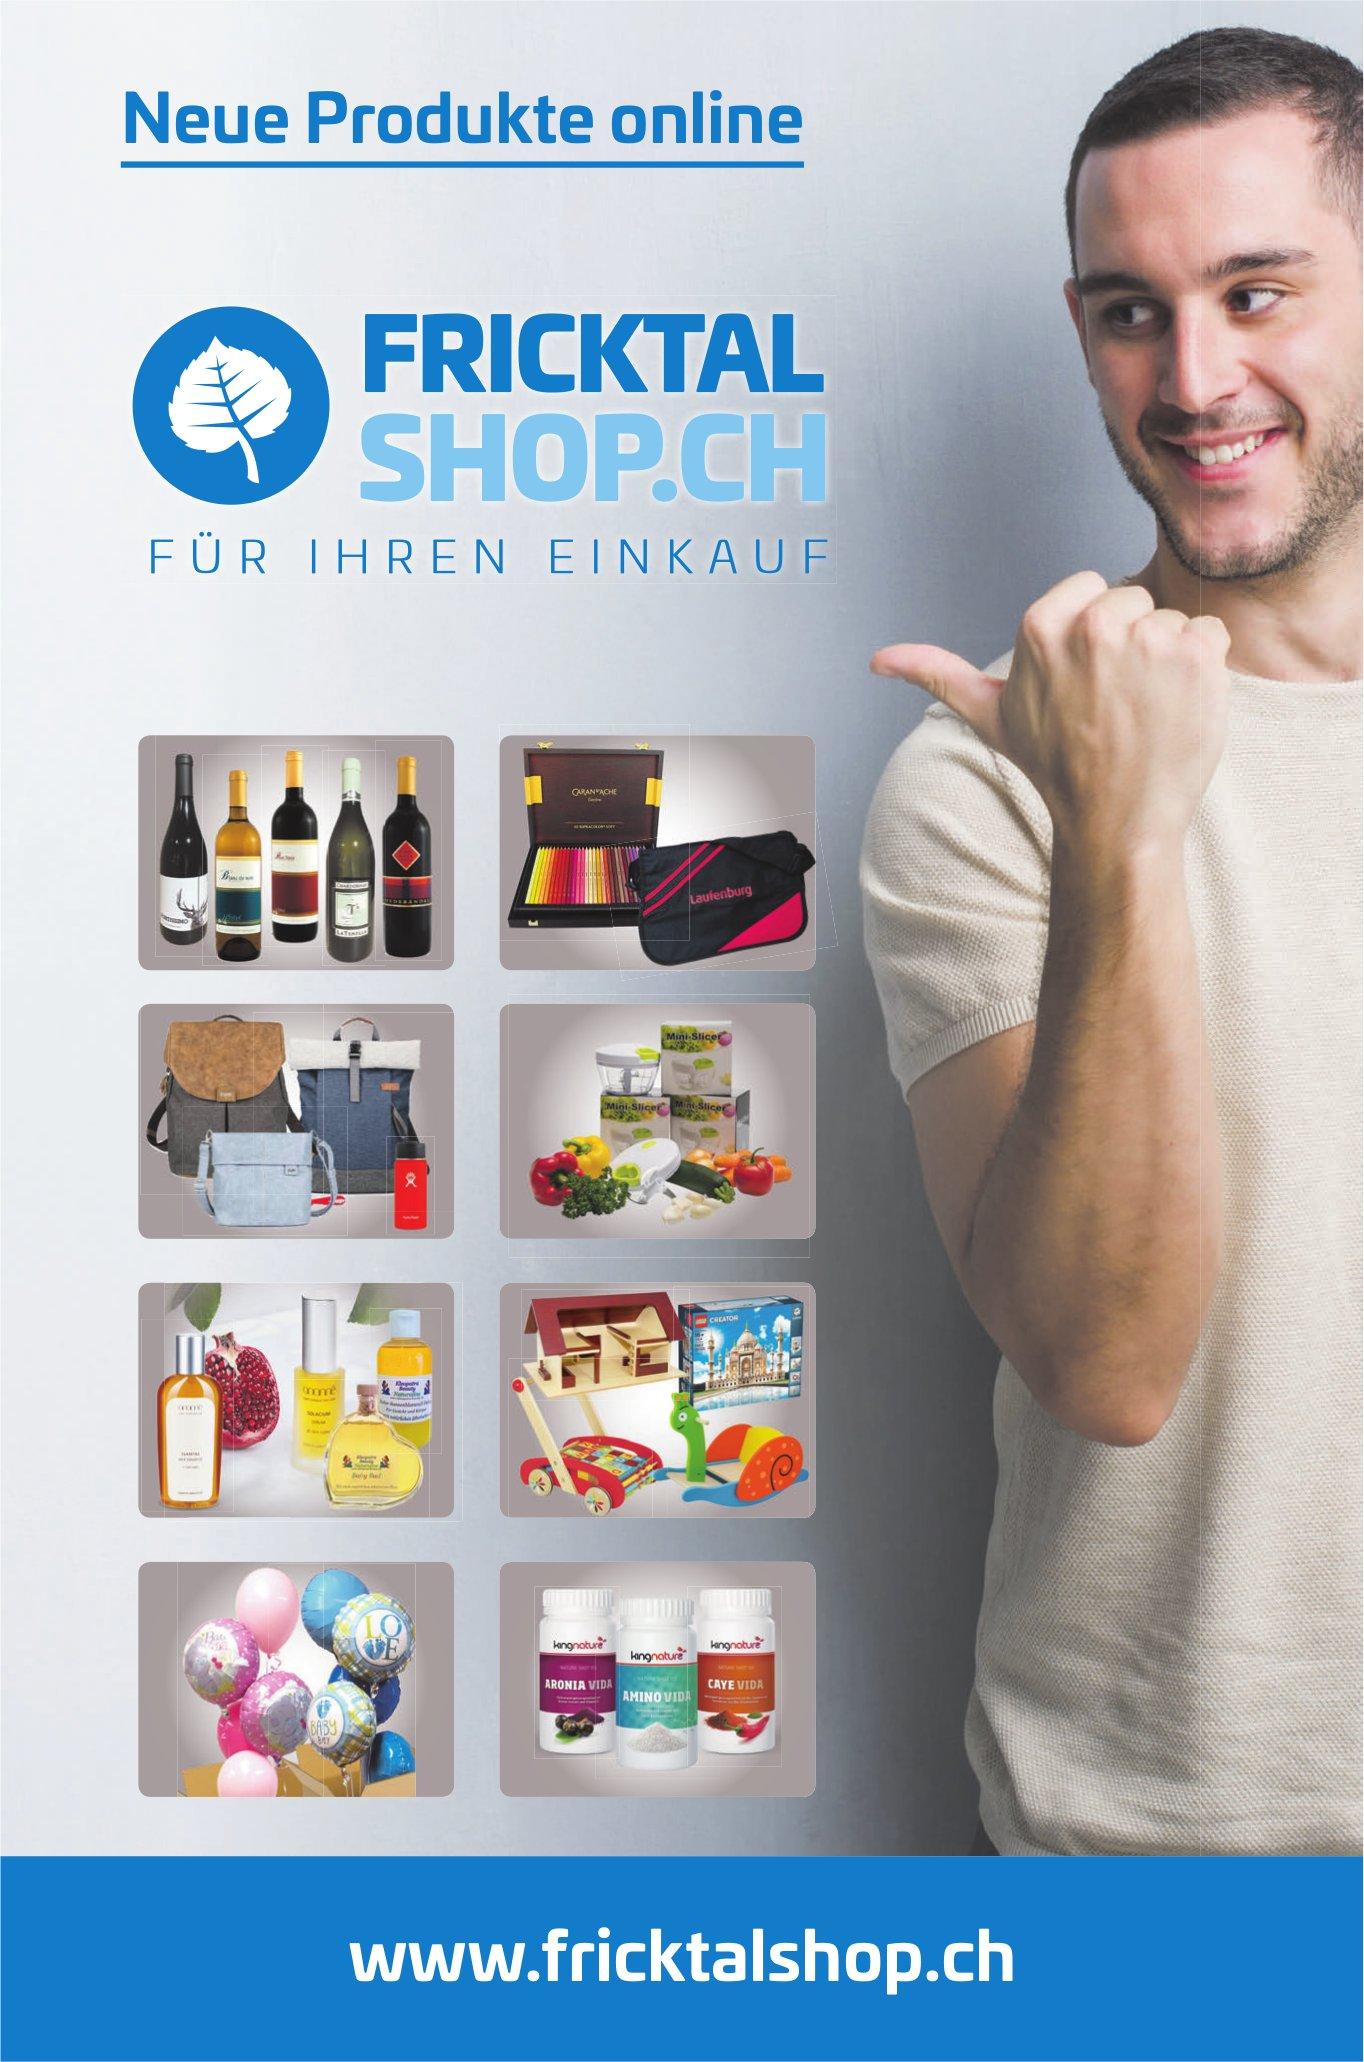 FRICKTAL SHOP.CH - Neue Produkte online